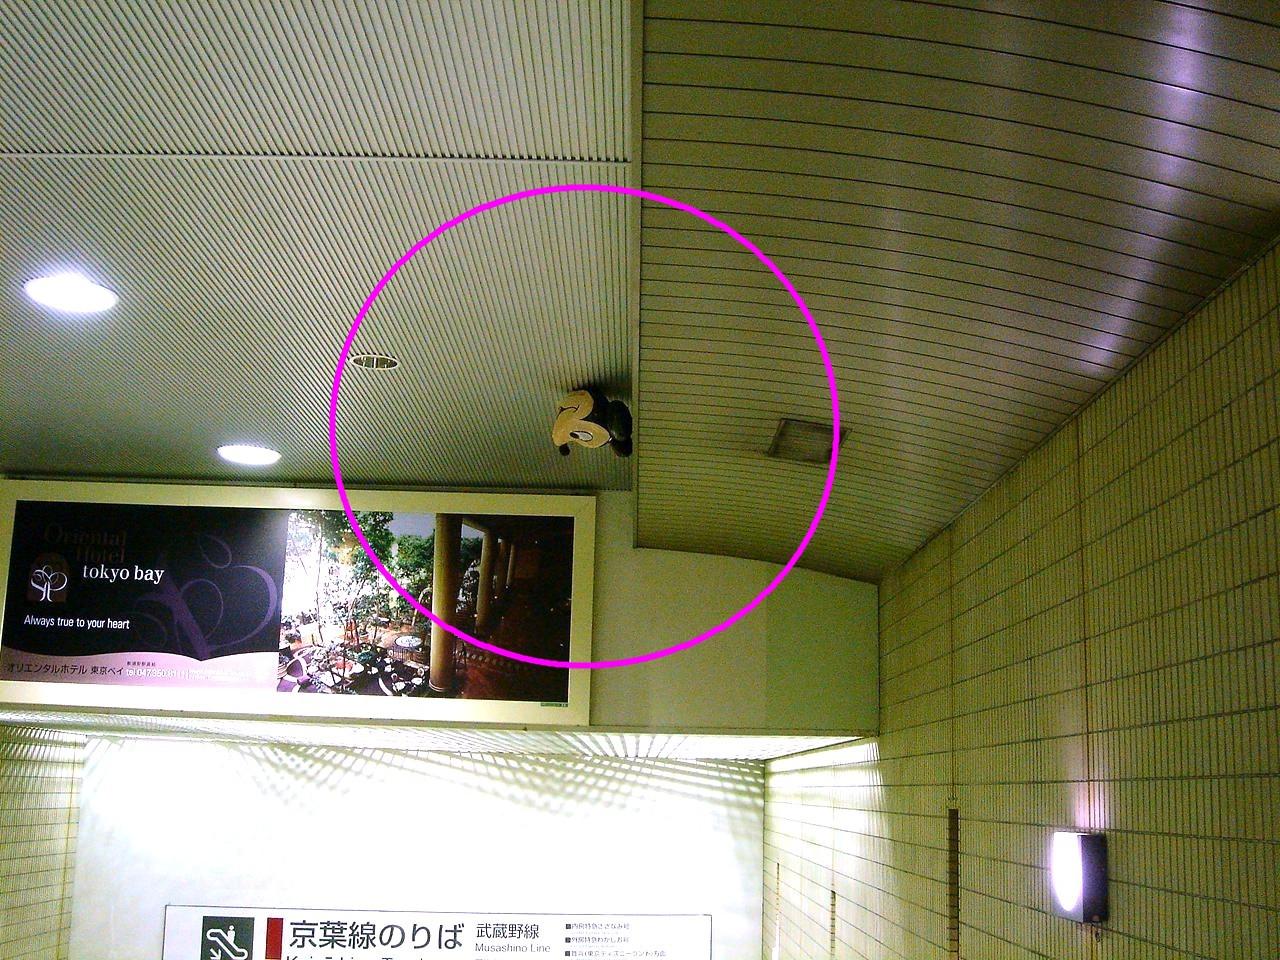 http://livedoor.blogimg.jp/vivit2008/imgs/d/0/d081da4c.JPG